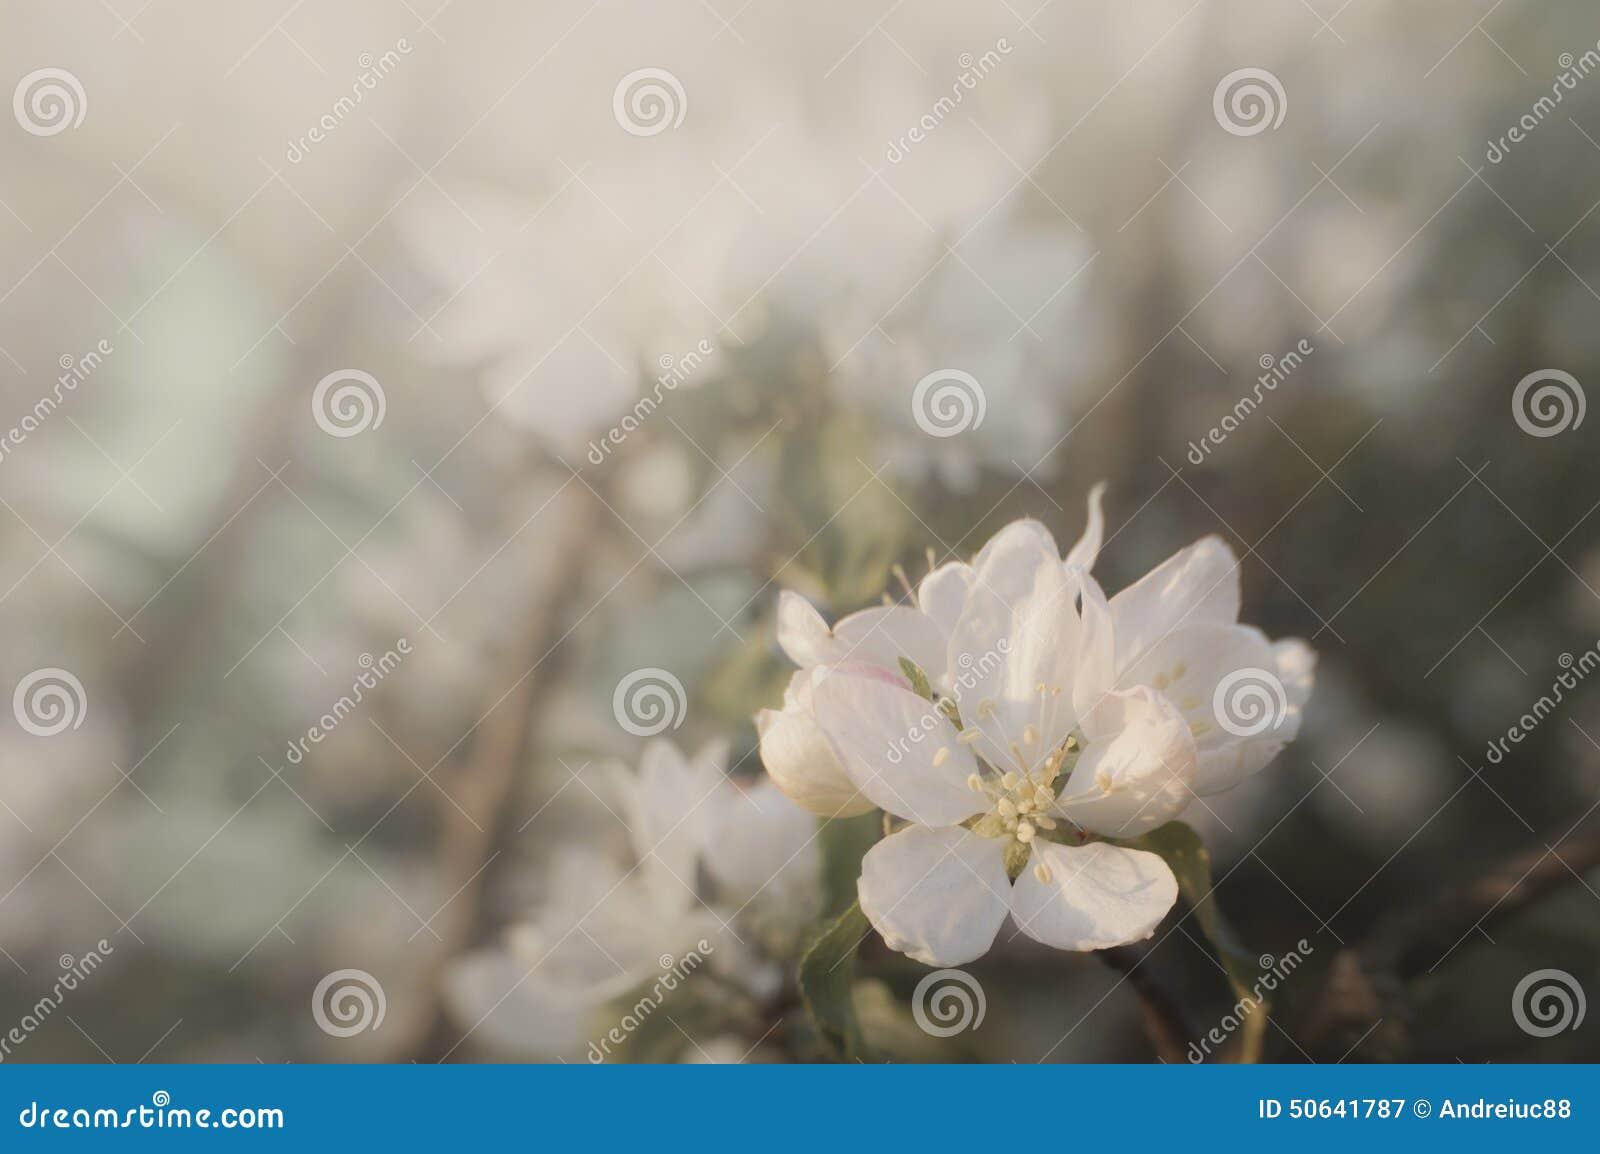 Flower in bloom in spring